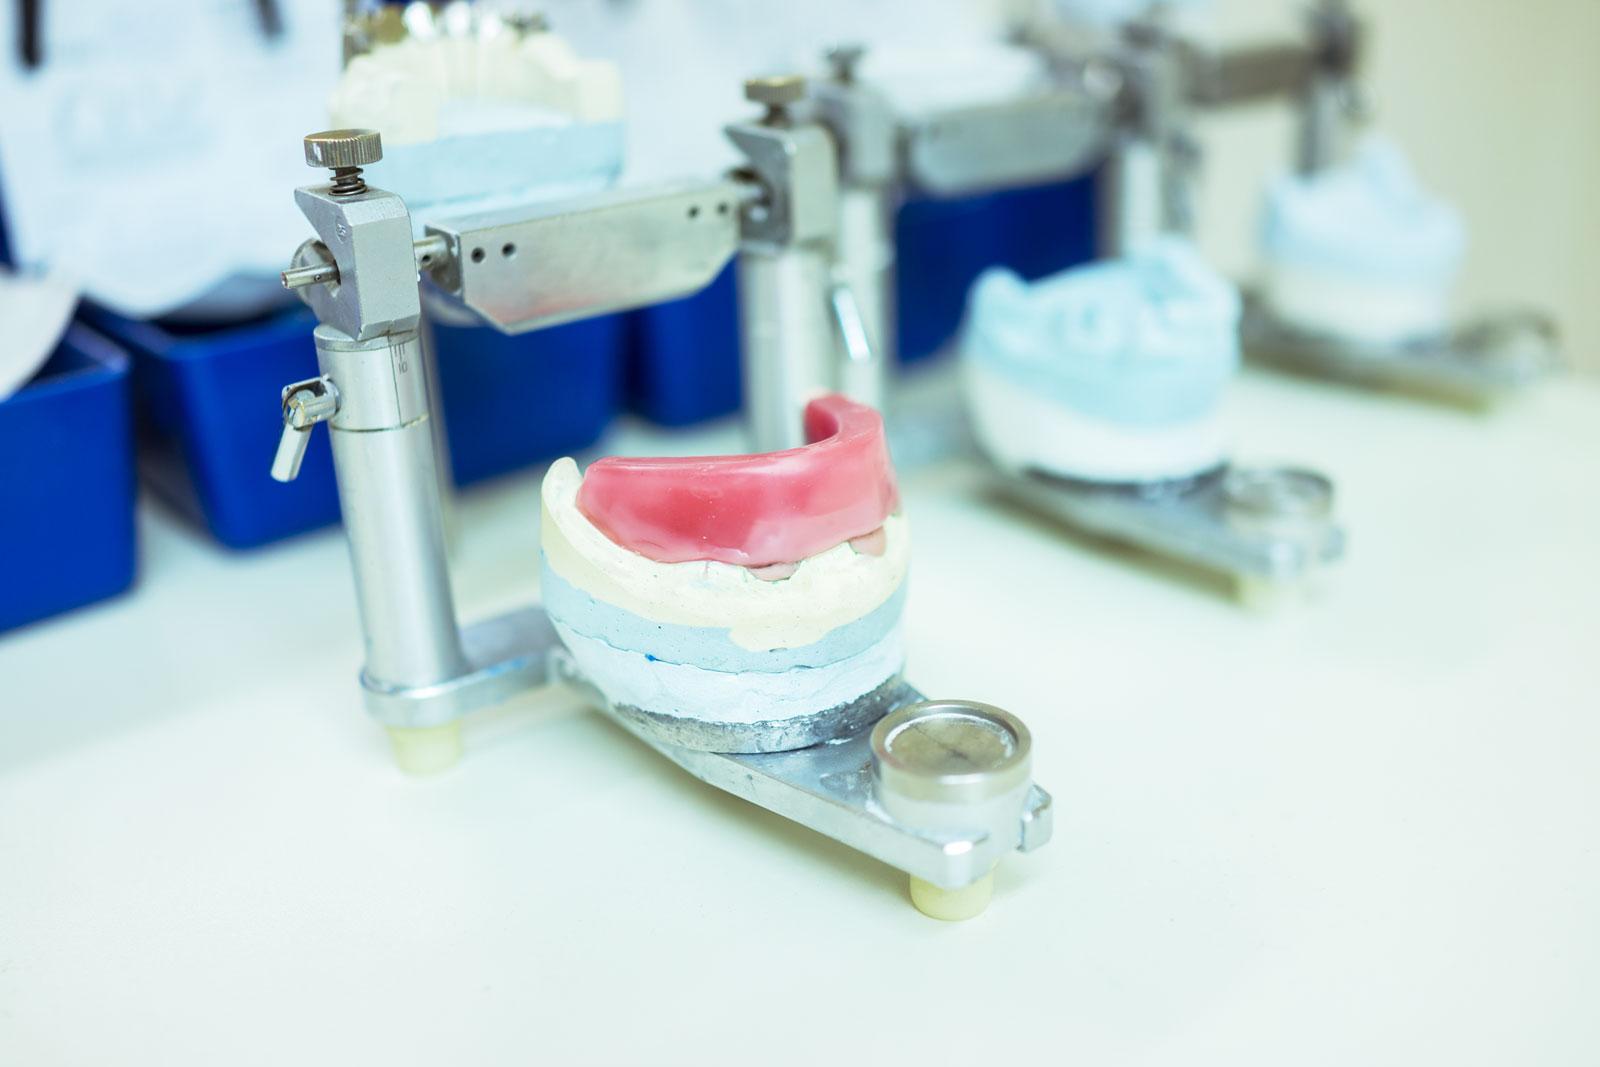 preparazione in laboratorio della protesi mobile